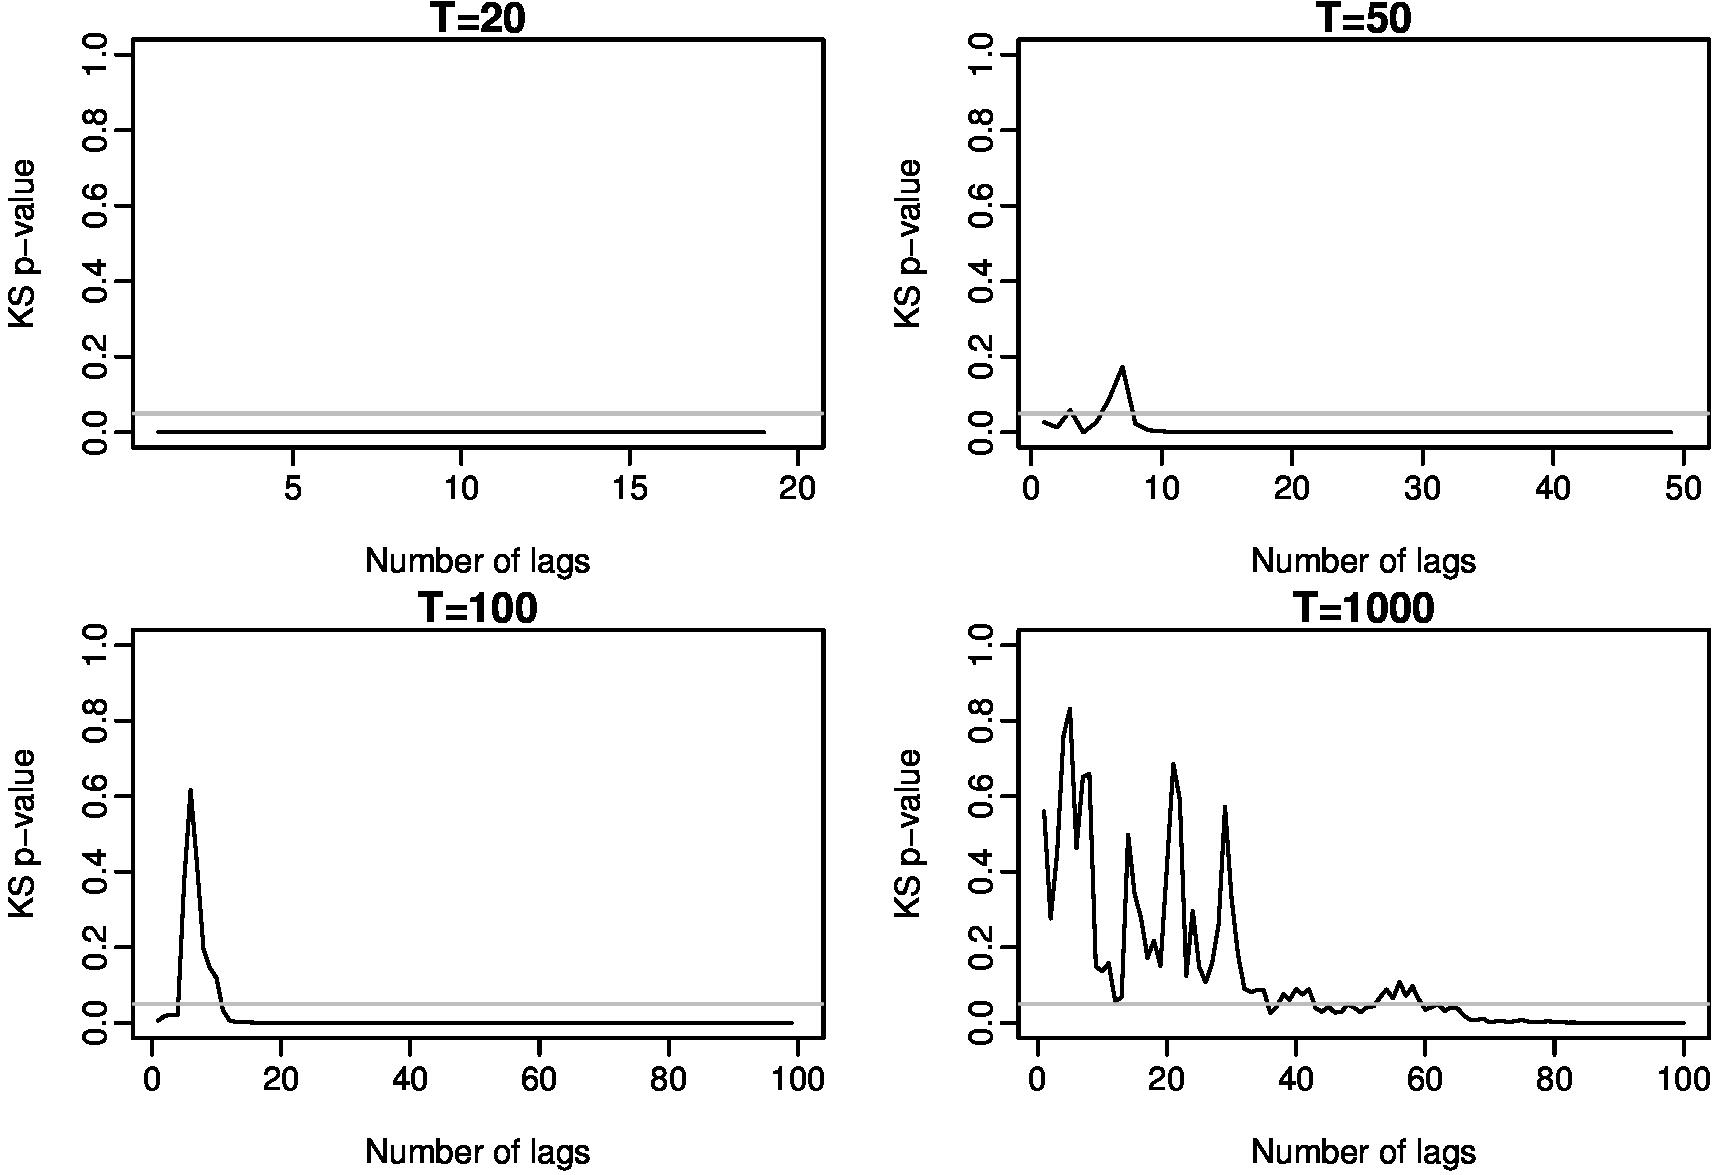 kspvalues